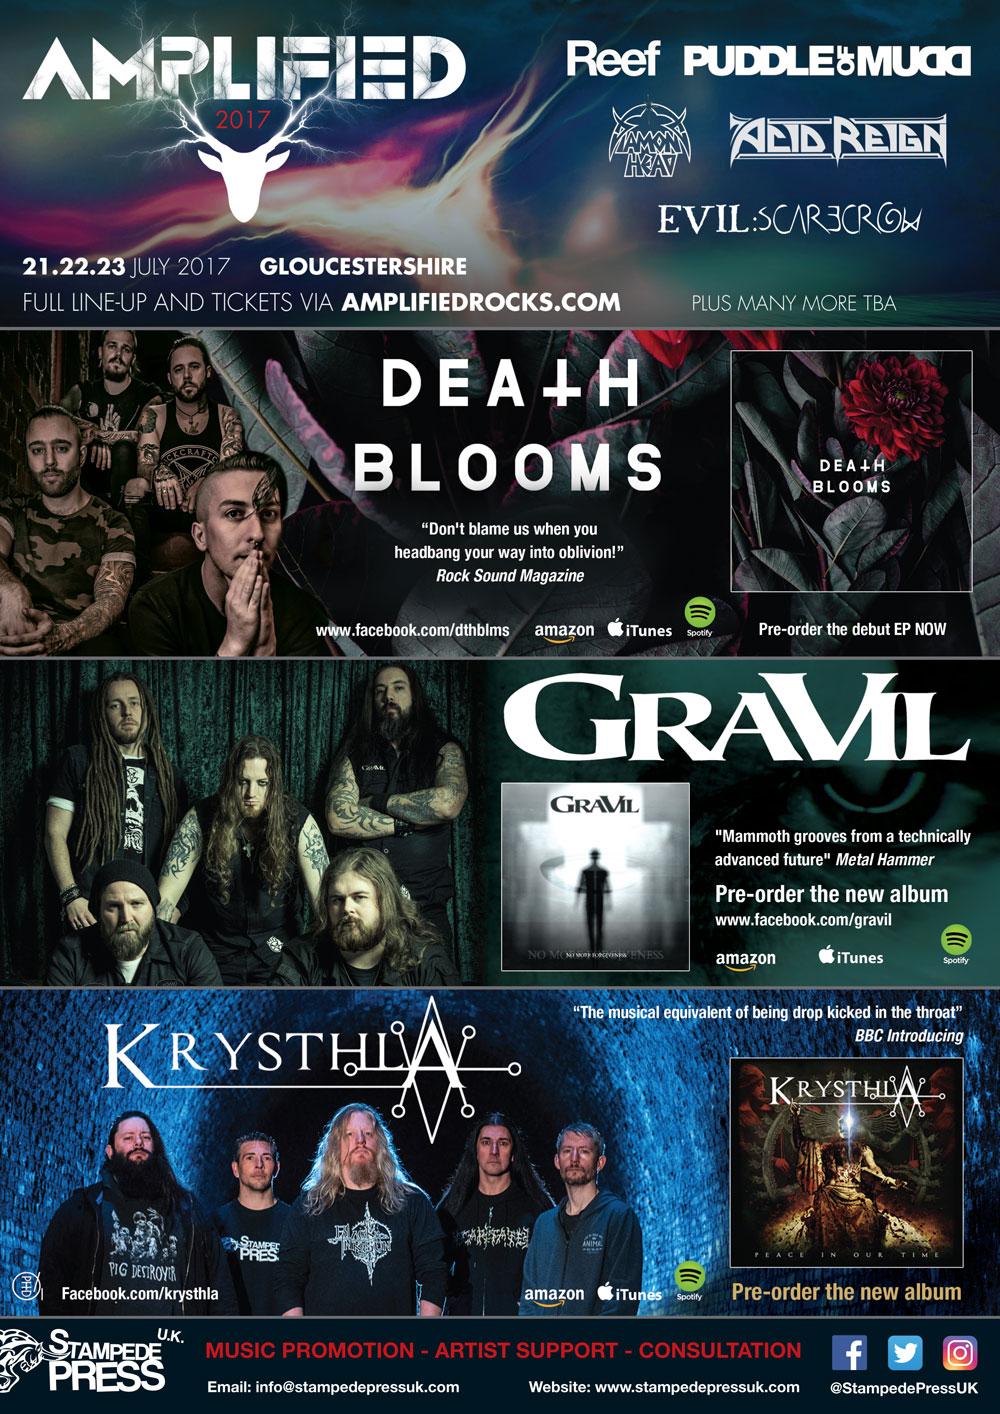 Stampede-Press_Amplified-Festival_Death-Blooms_GraVIL_Krysthla_Advert_Metal-Hammer